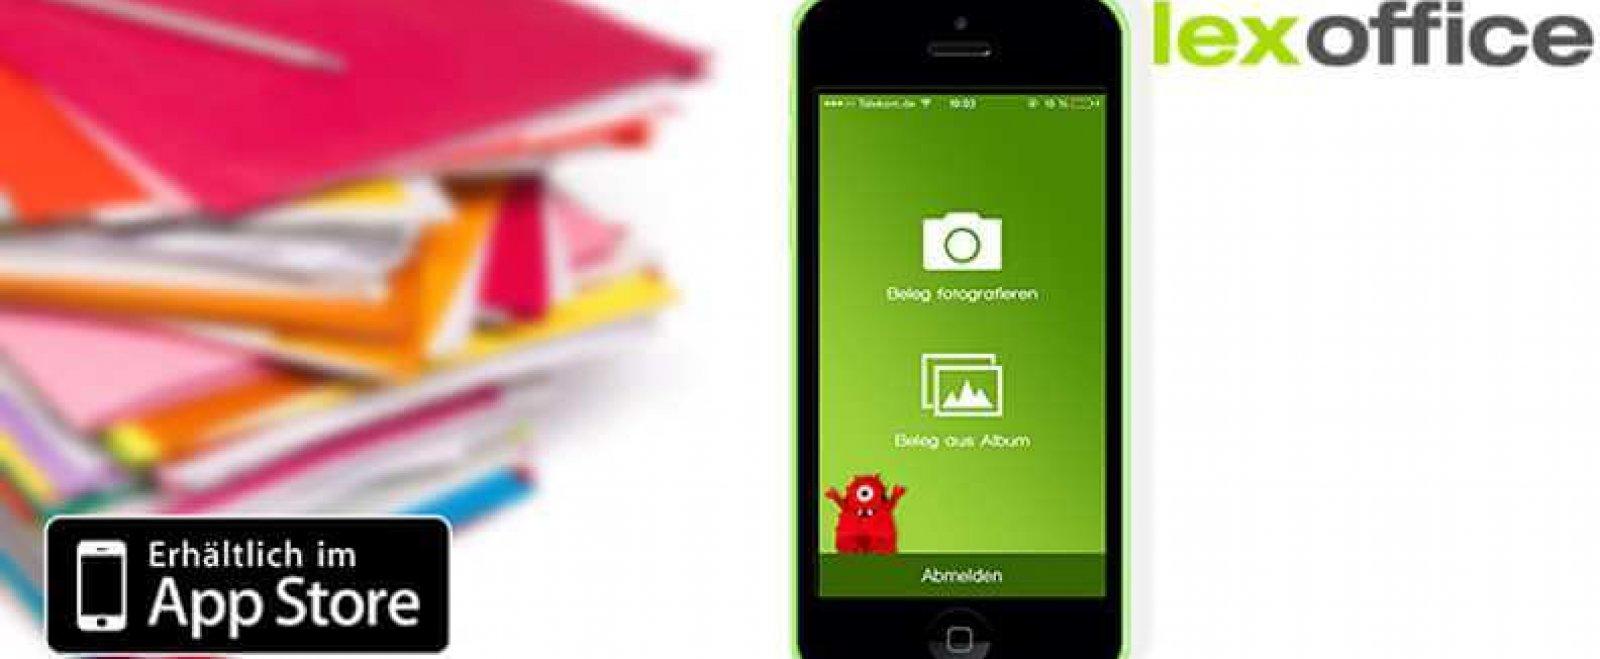 lexoffice scan: Belege mit dem iPhone jetzt noch schneller erfassen